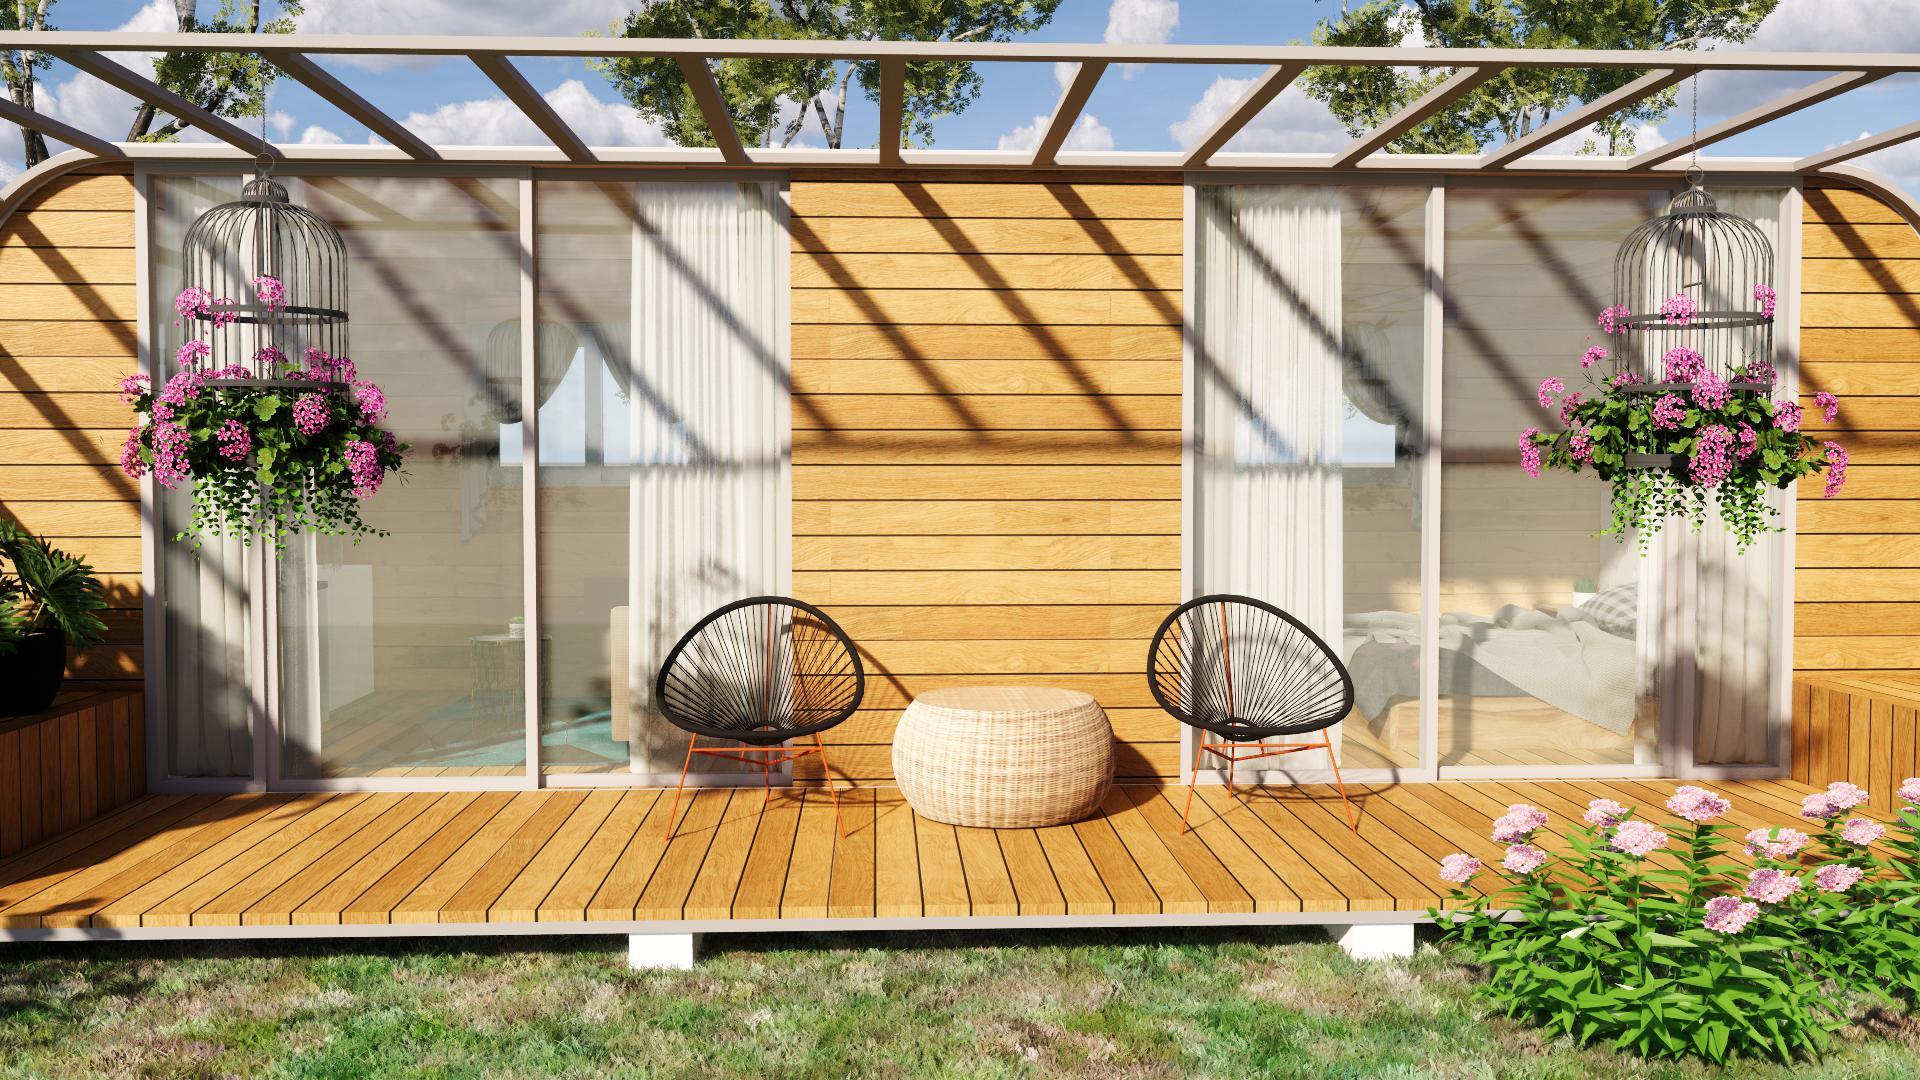 Nhà gỗ di động cho homestay với chi phí thấp cho người ít vốn